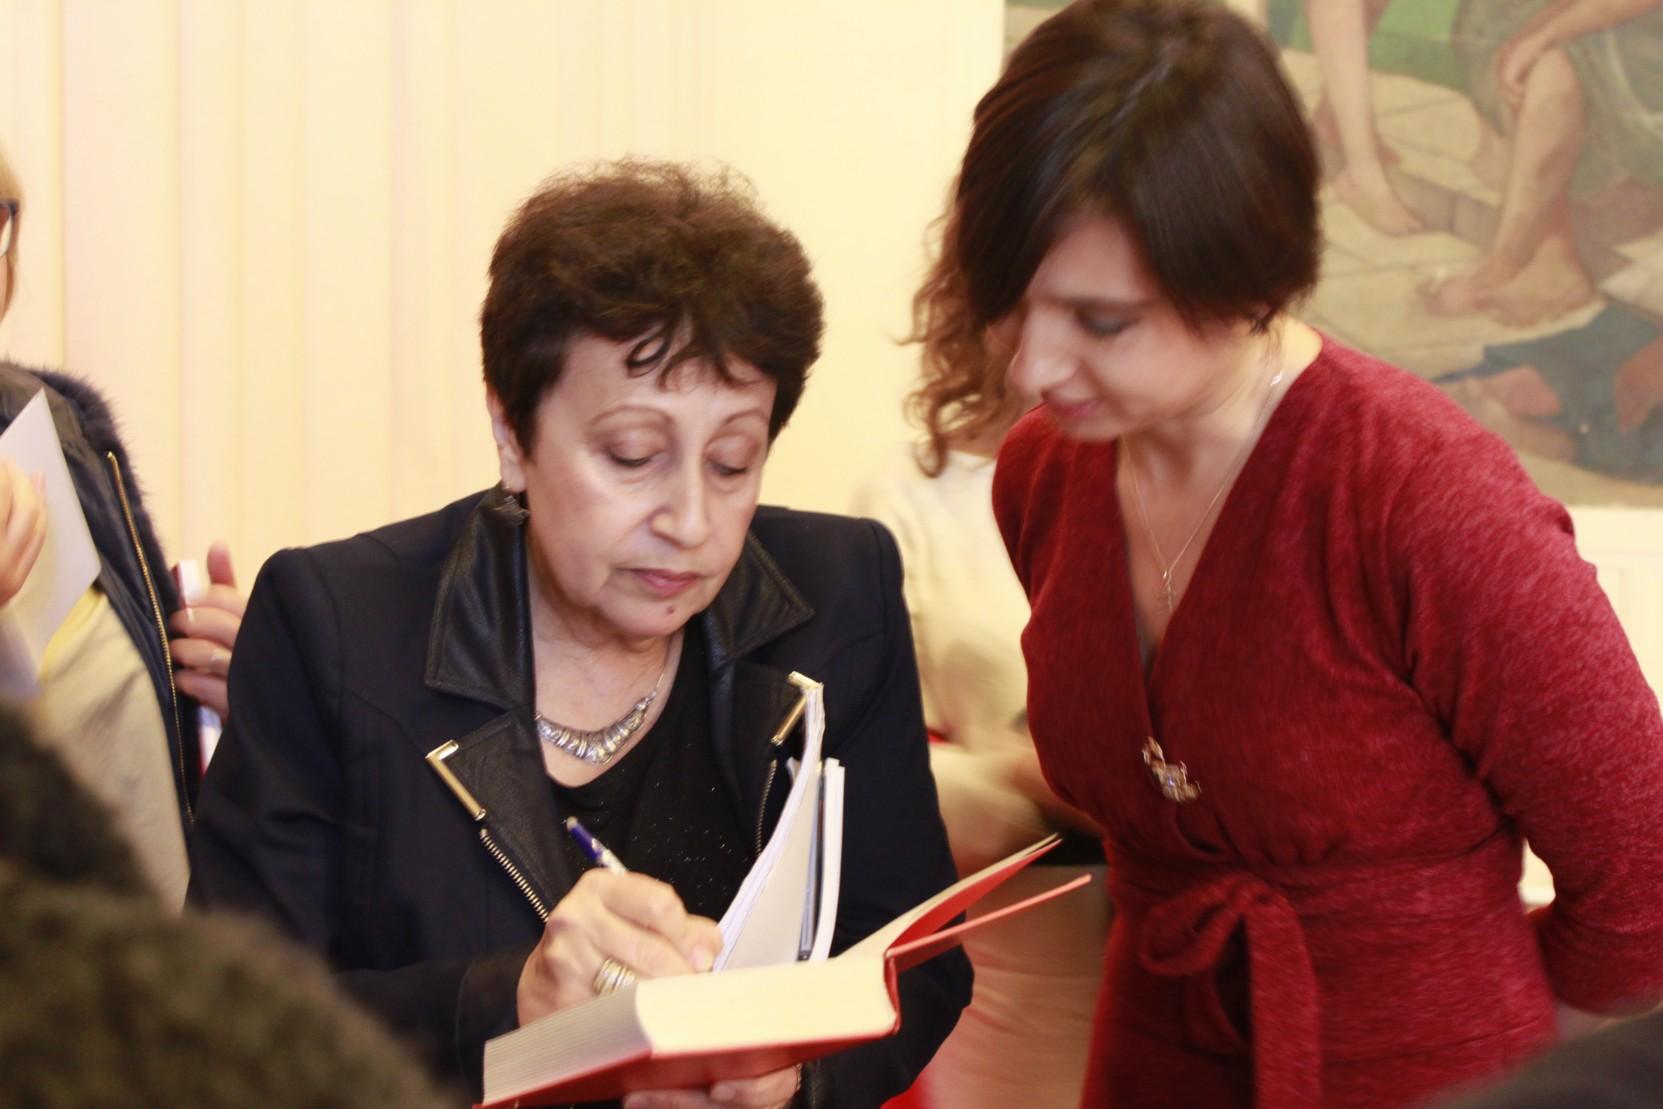 Дина Рубина дает автографы читателям на дне русской книге в Париже | Вдохновить на роман